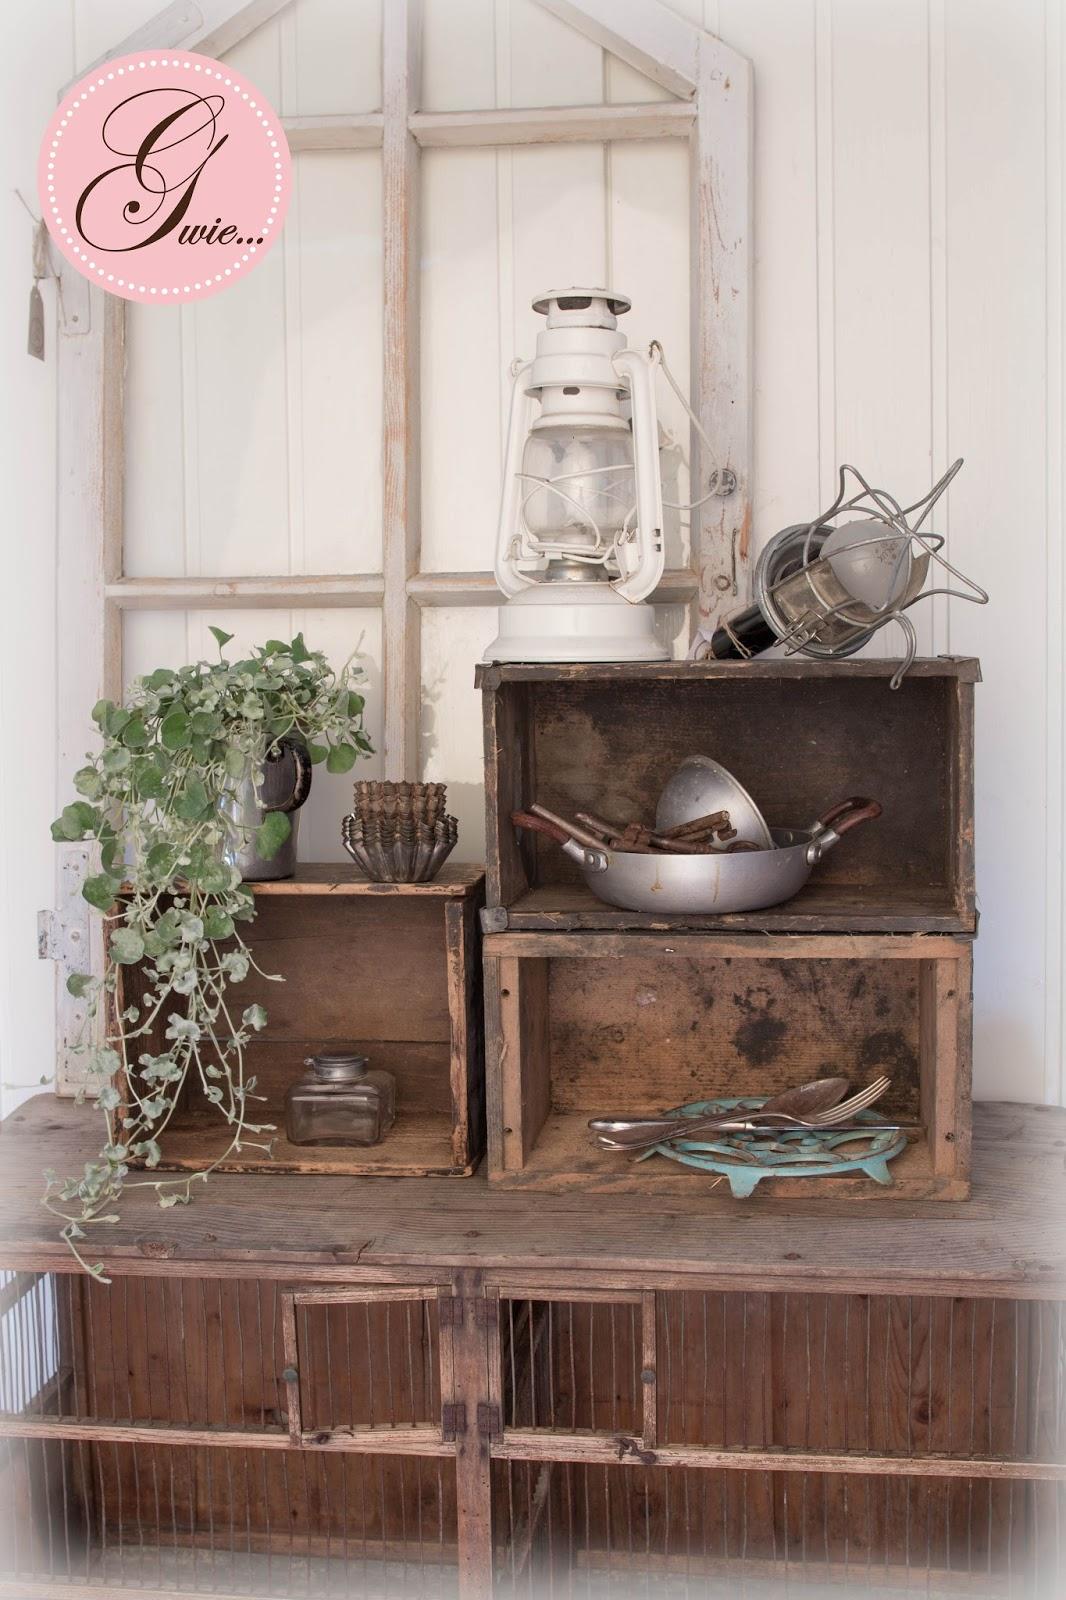 g wie dieses wochenende ist brocante puce in bremgarten bei bern ein paar bilder vorab. Black Bedroom Furniture Sets. Home Design Ideas